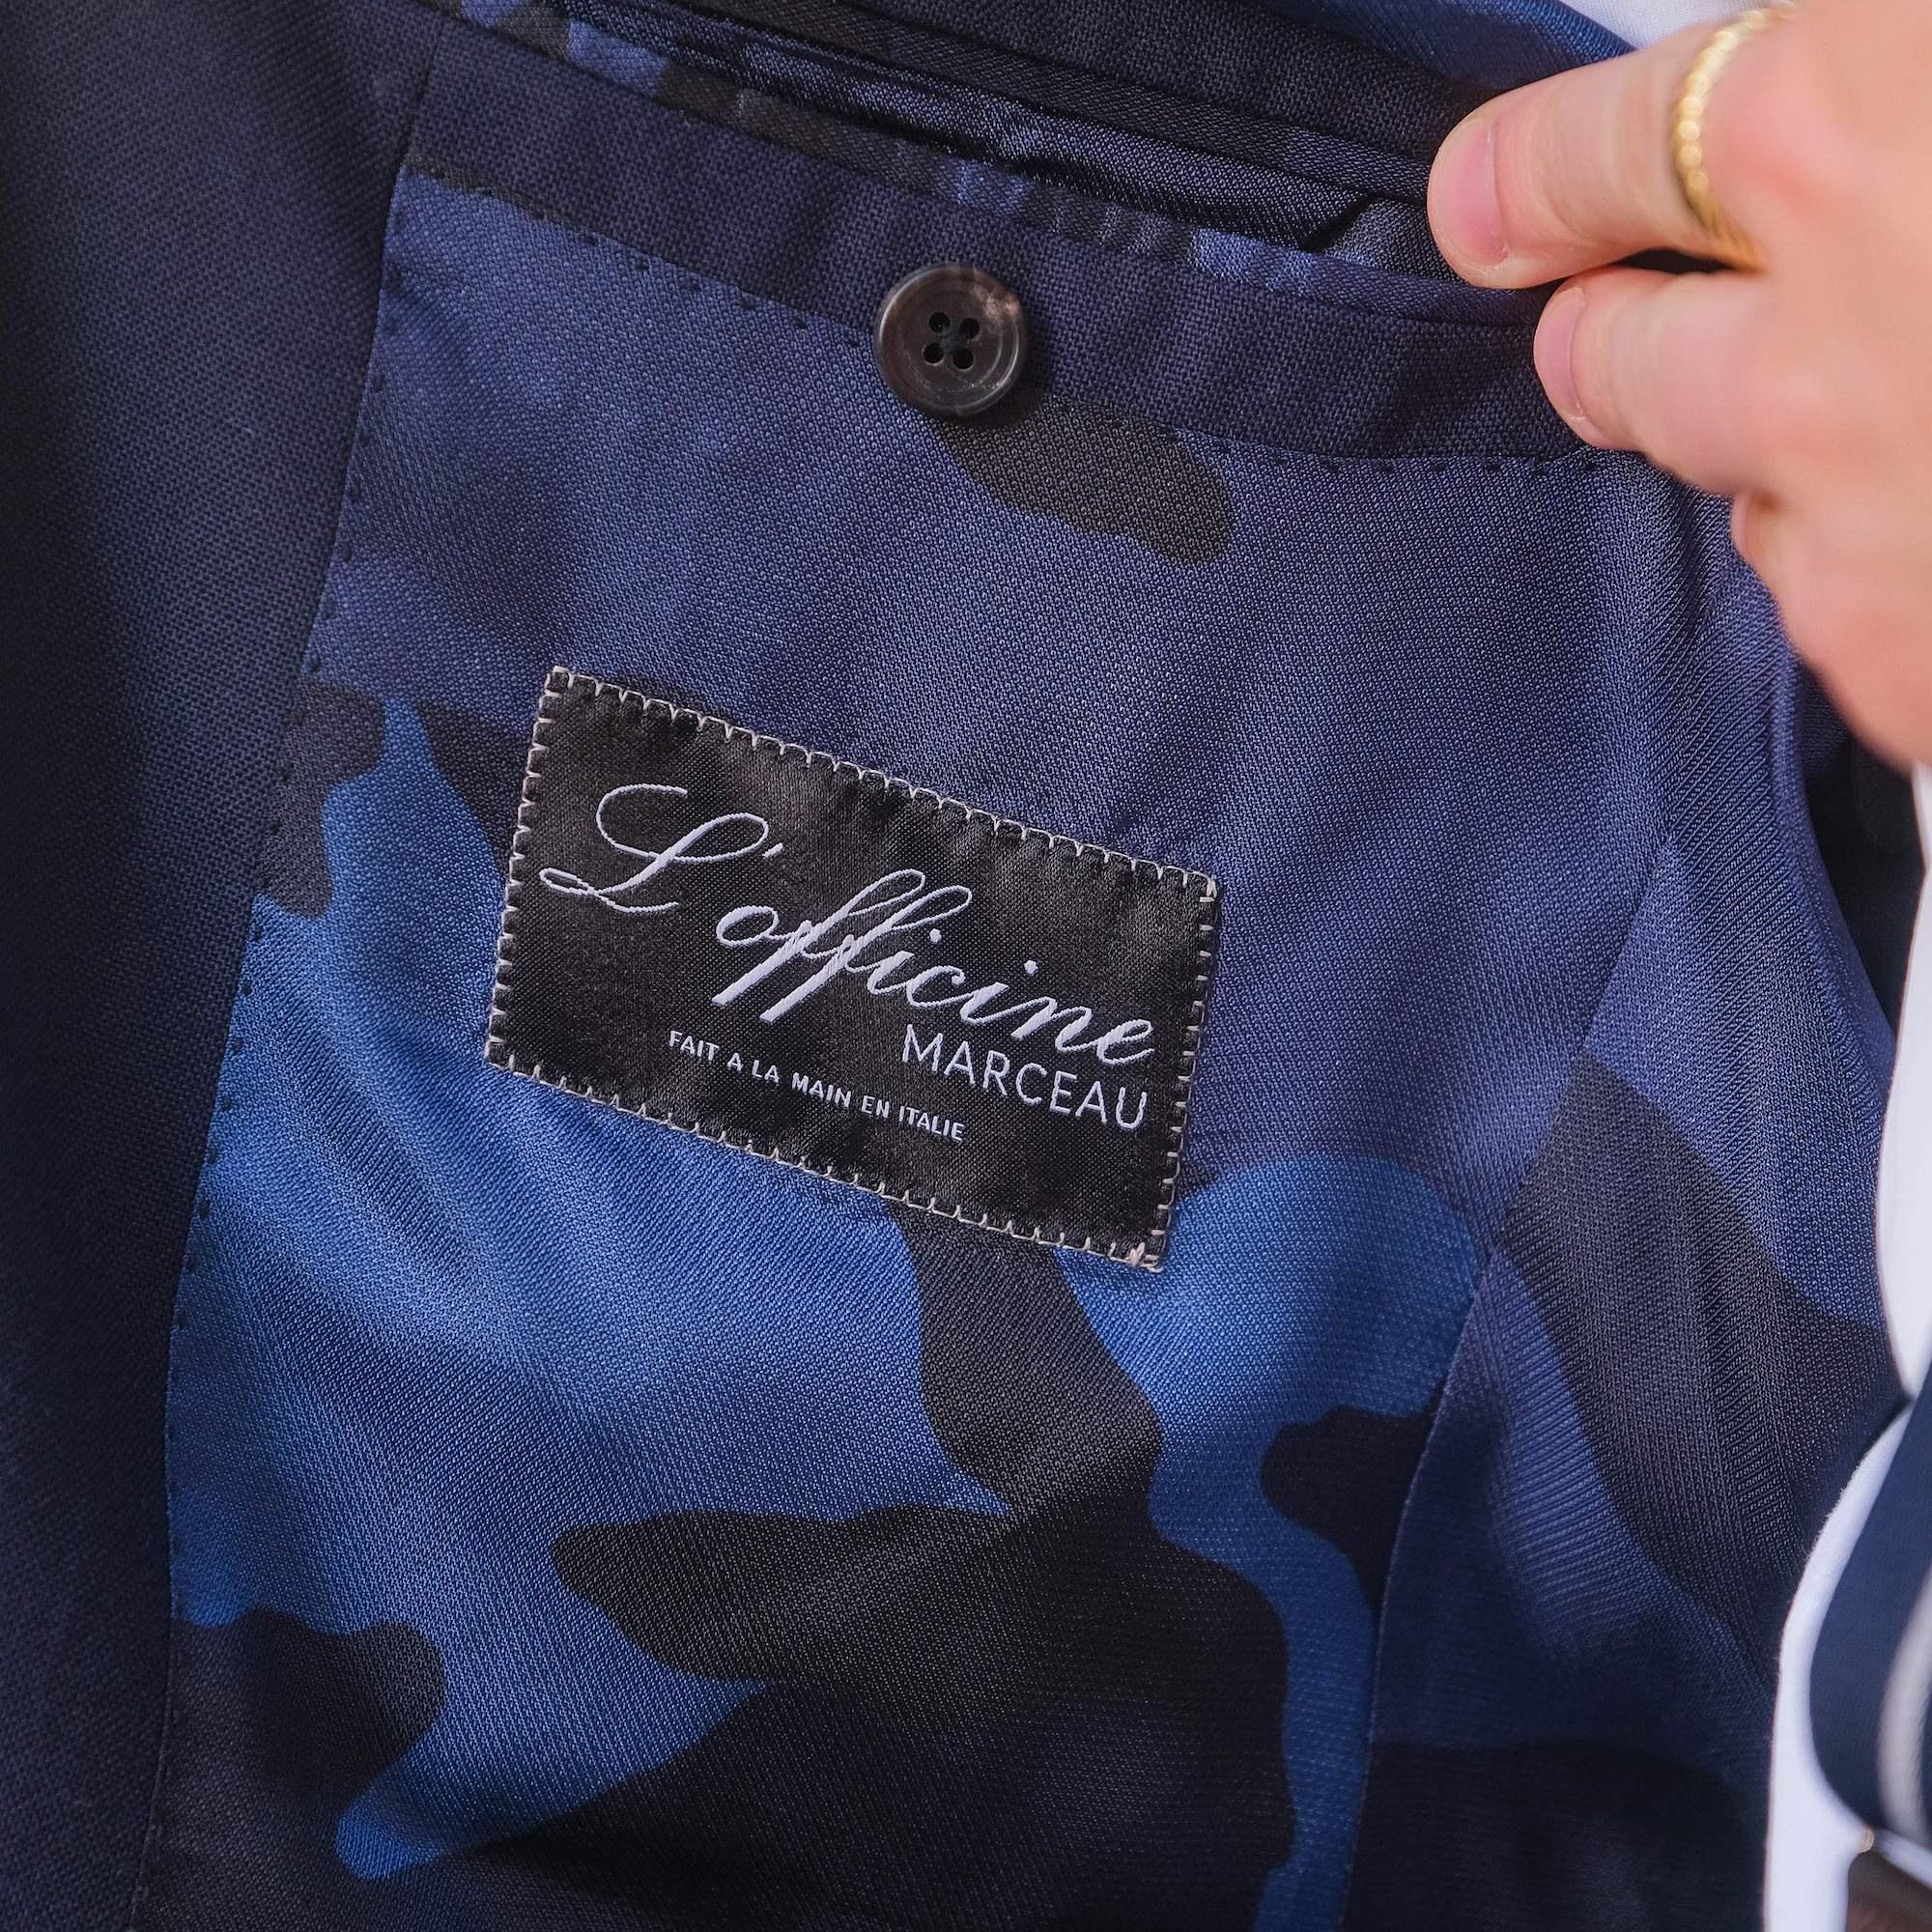 étiquette l'officine Marceau fait à la main en Italie